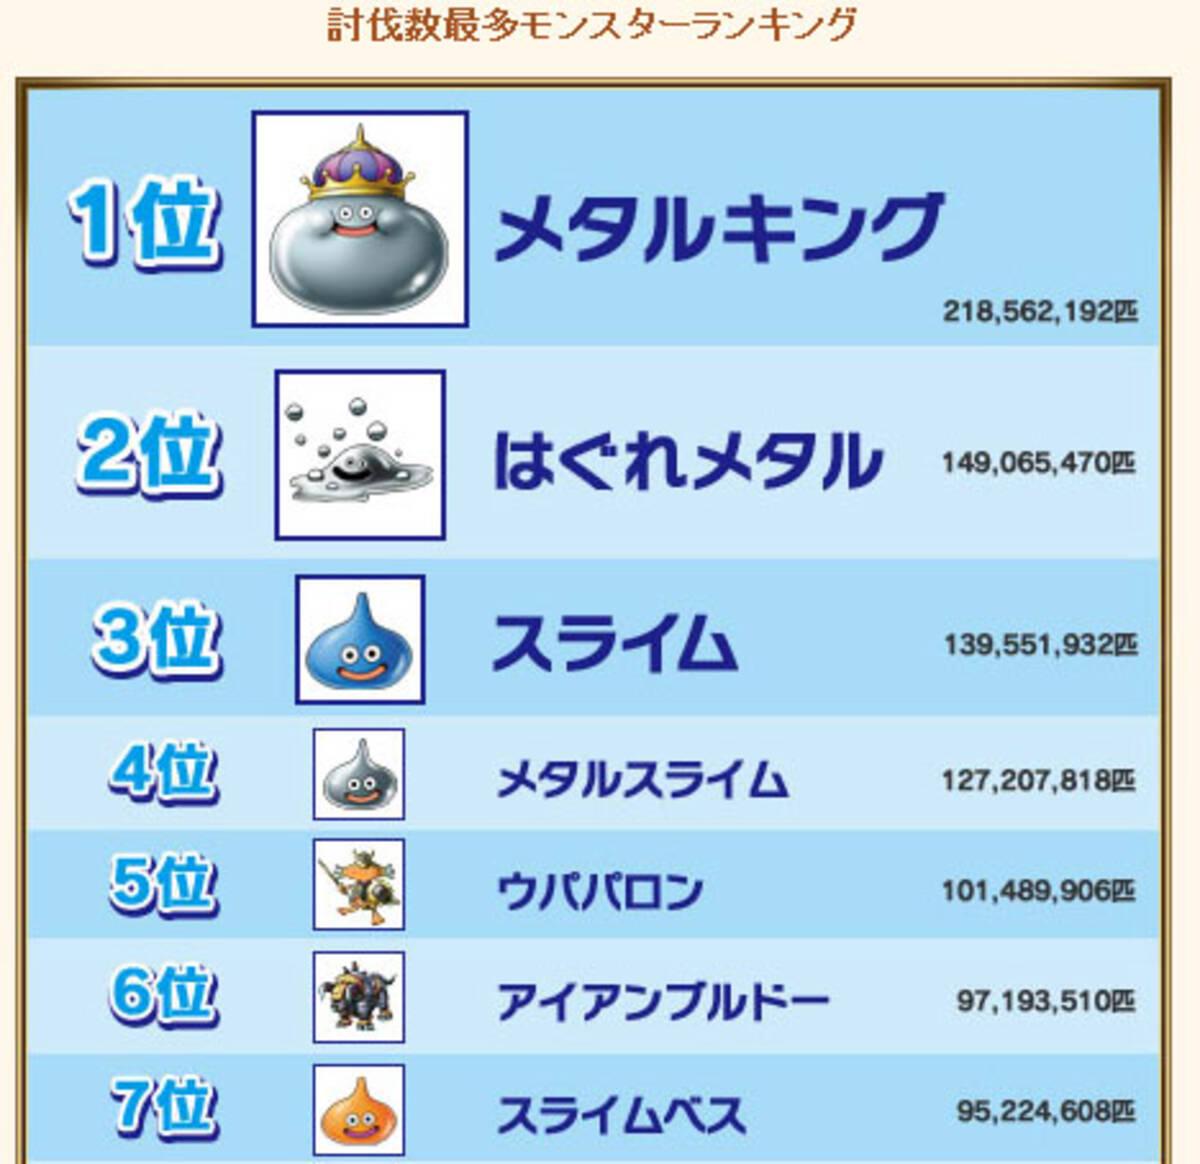 日本全国でメタルキング2億1千8百万匹が殺される 2010年2月20日